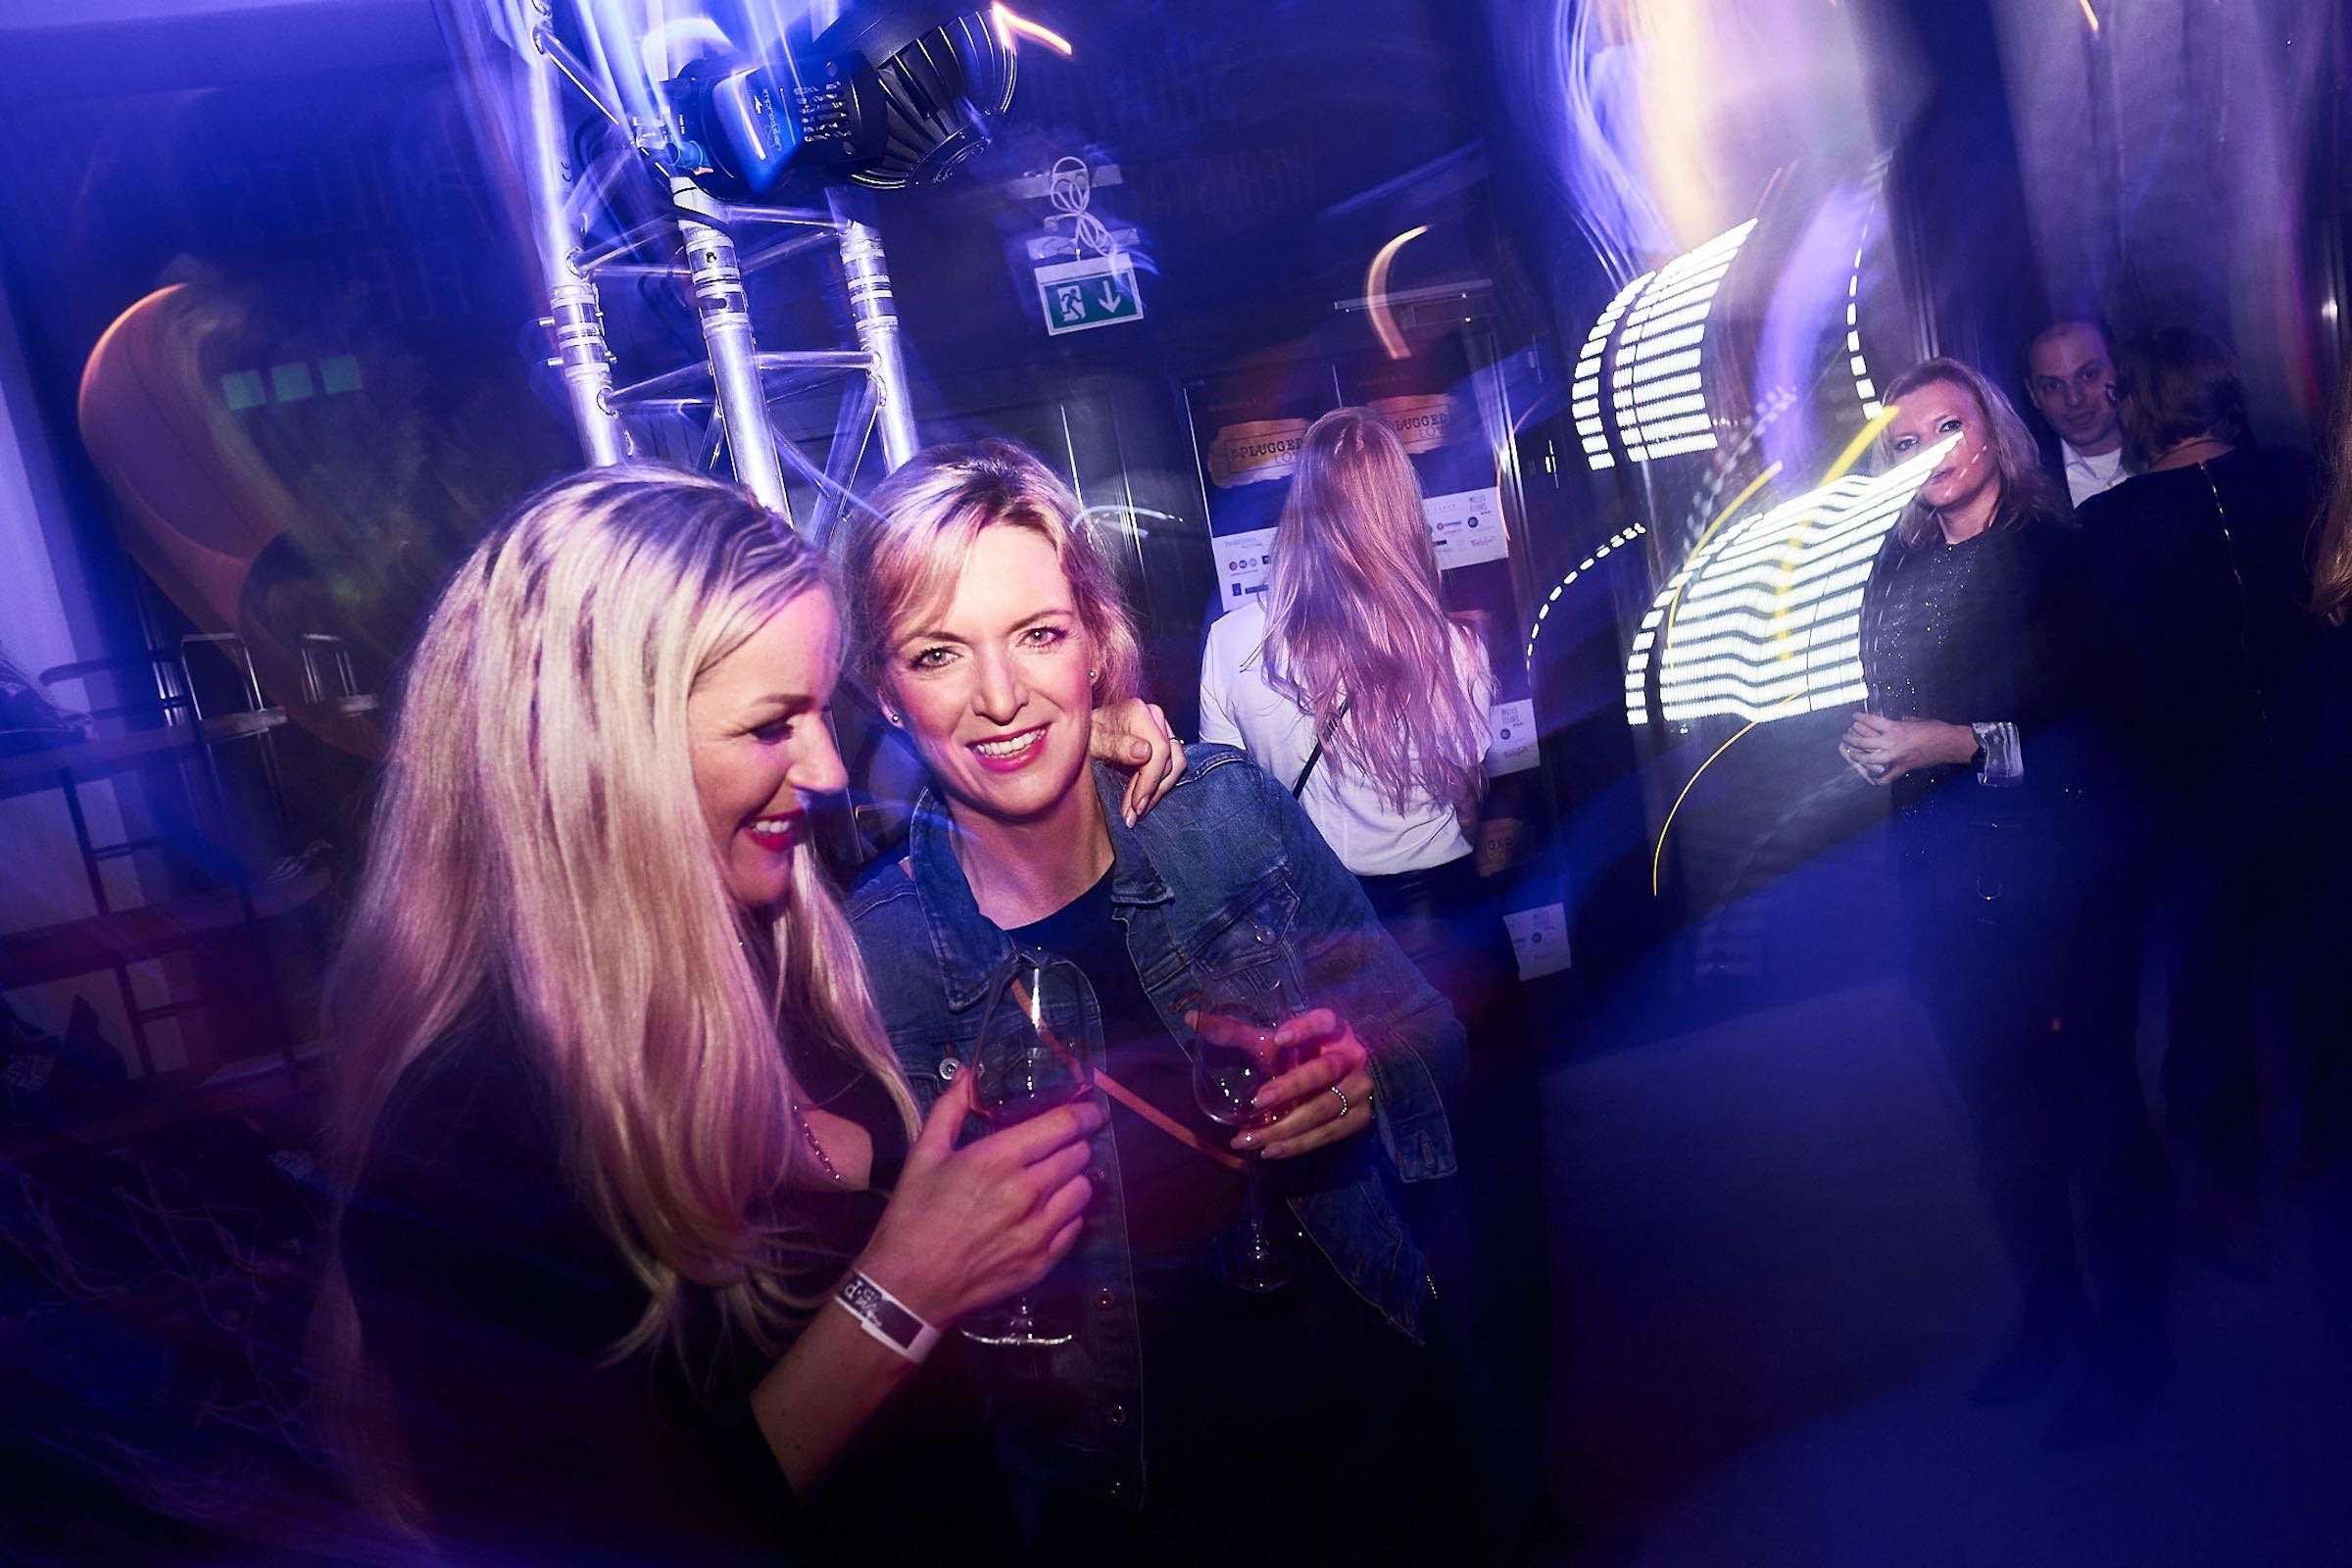 DJ | Hamburg | DJ | Messe | Hochzeits | DJ | Firmenevent | Hamburg | Firmenfeier | DJ | Geburtstag | DJ | Weihnachtsfeier | DJ | Sommerfest | Buchen | Mieten | Hamburgfeiert